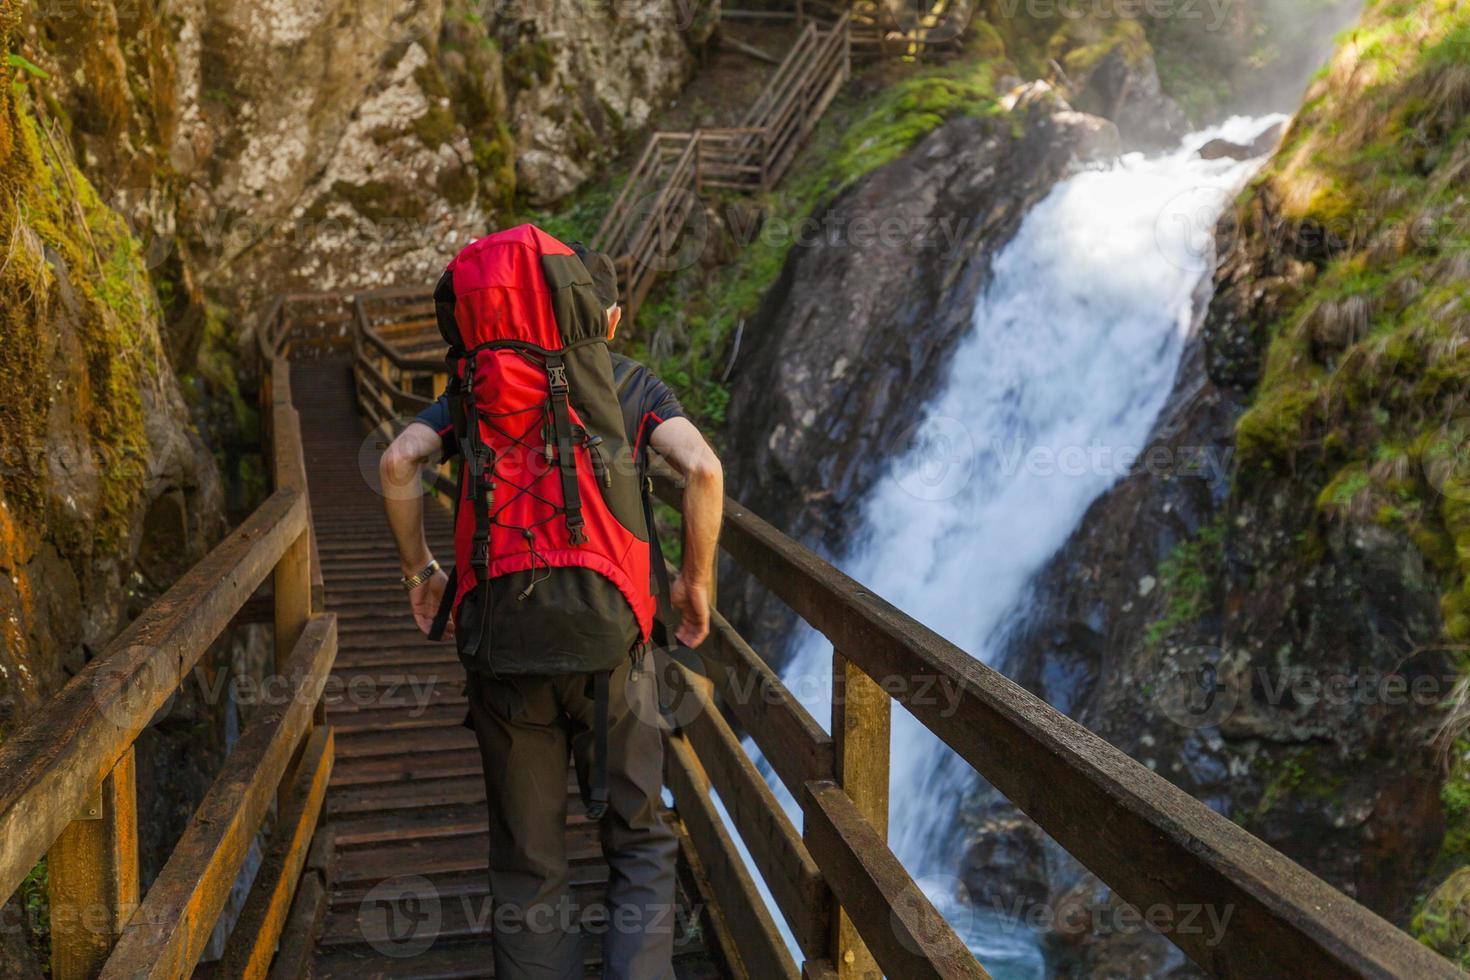 férias ativas nas montanhas Alpes foto